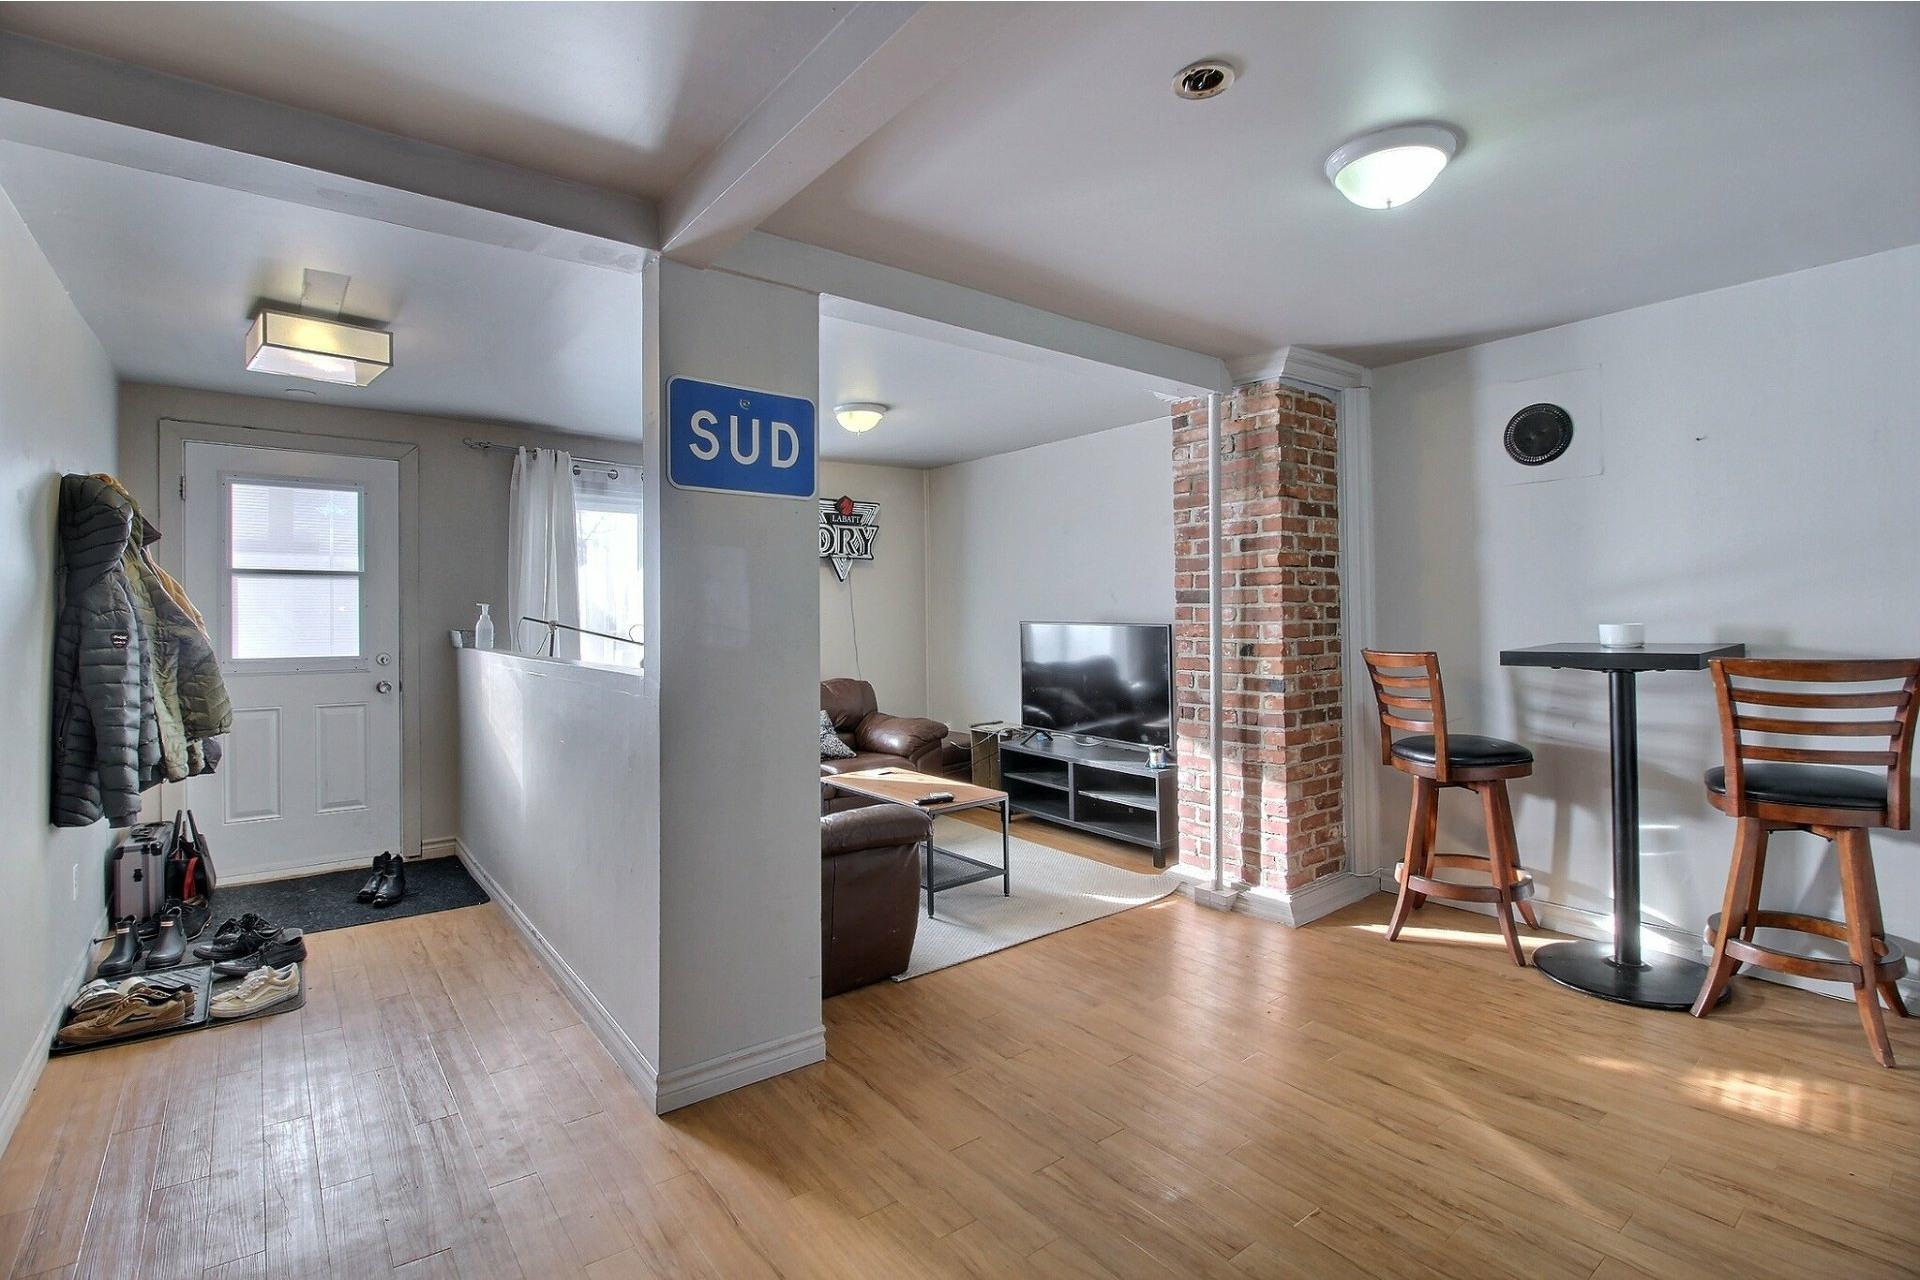 image 2 - Duplex À vendre Fleurimont Sherbrooke  - 4 pièces